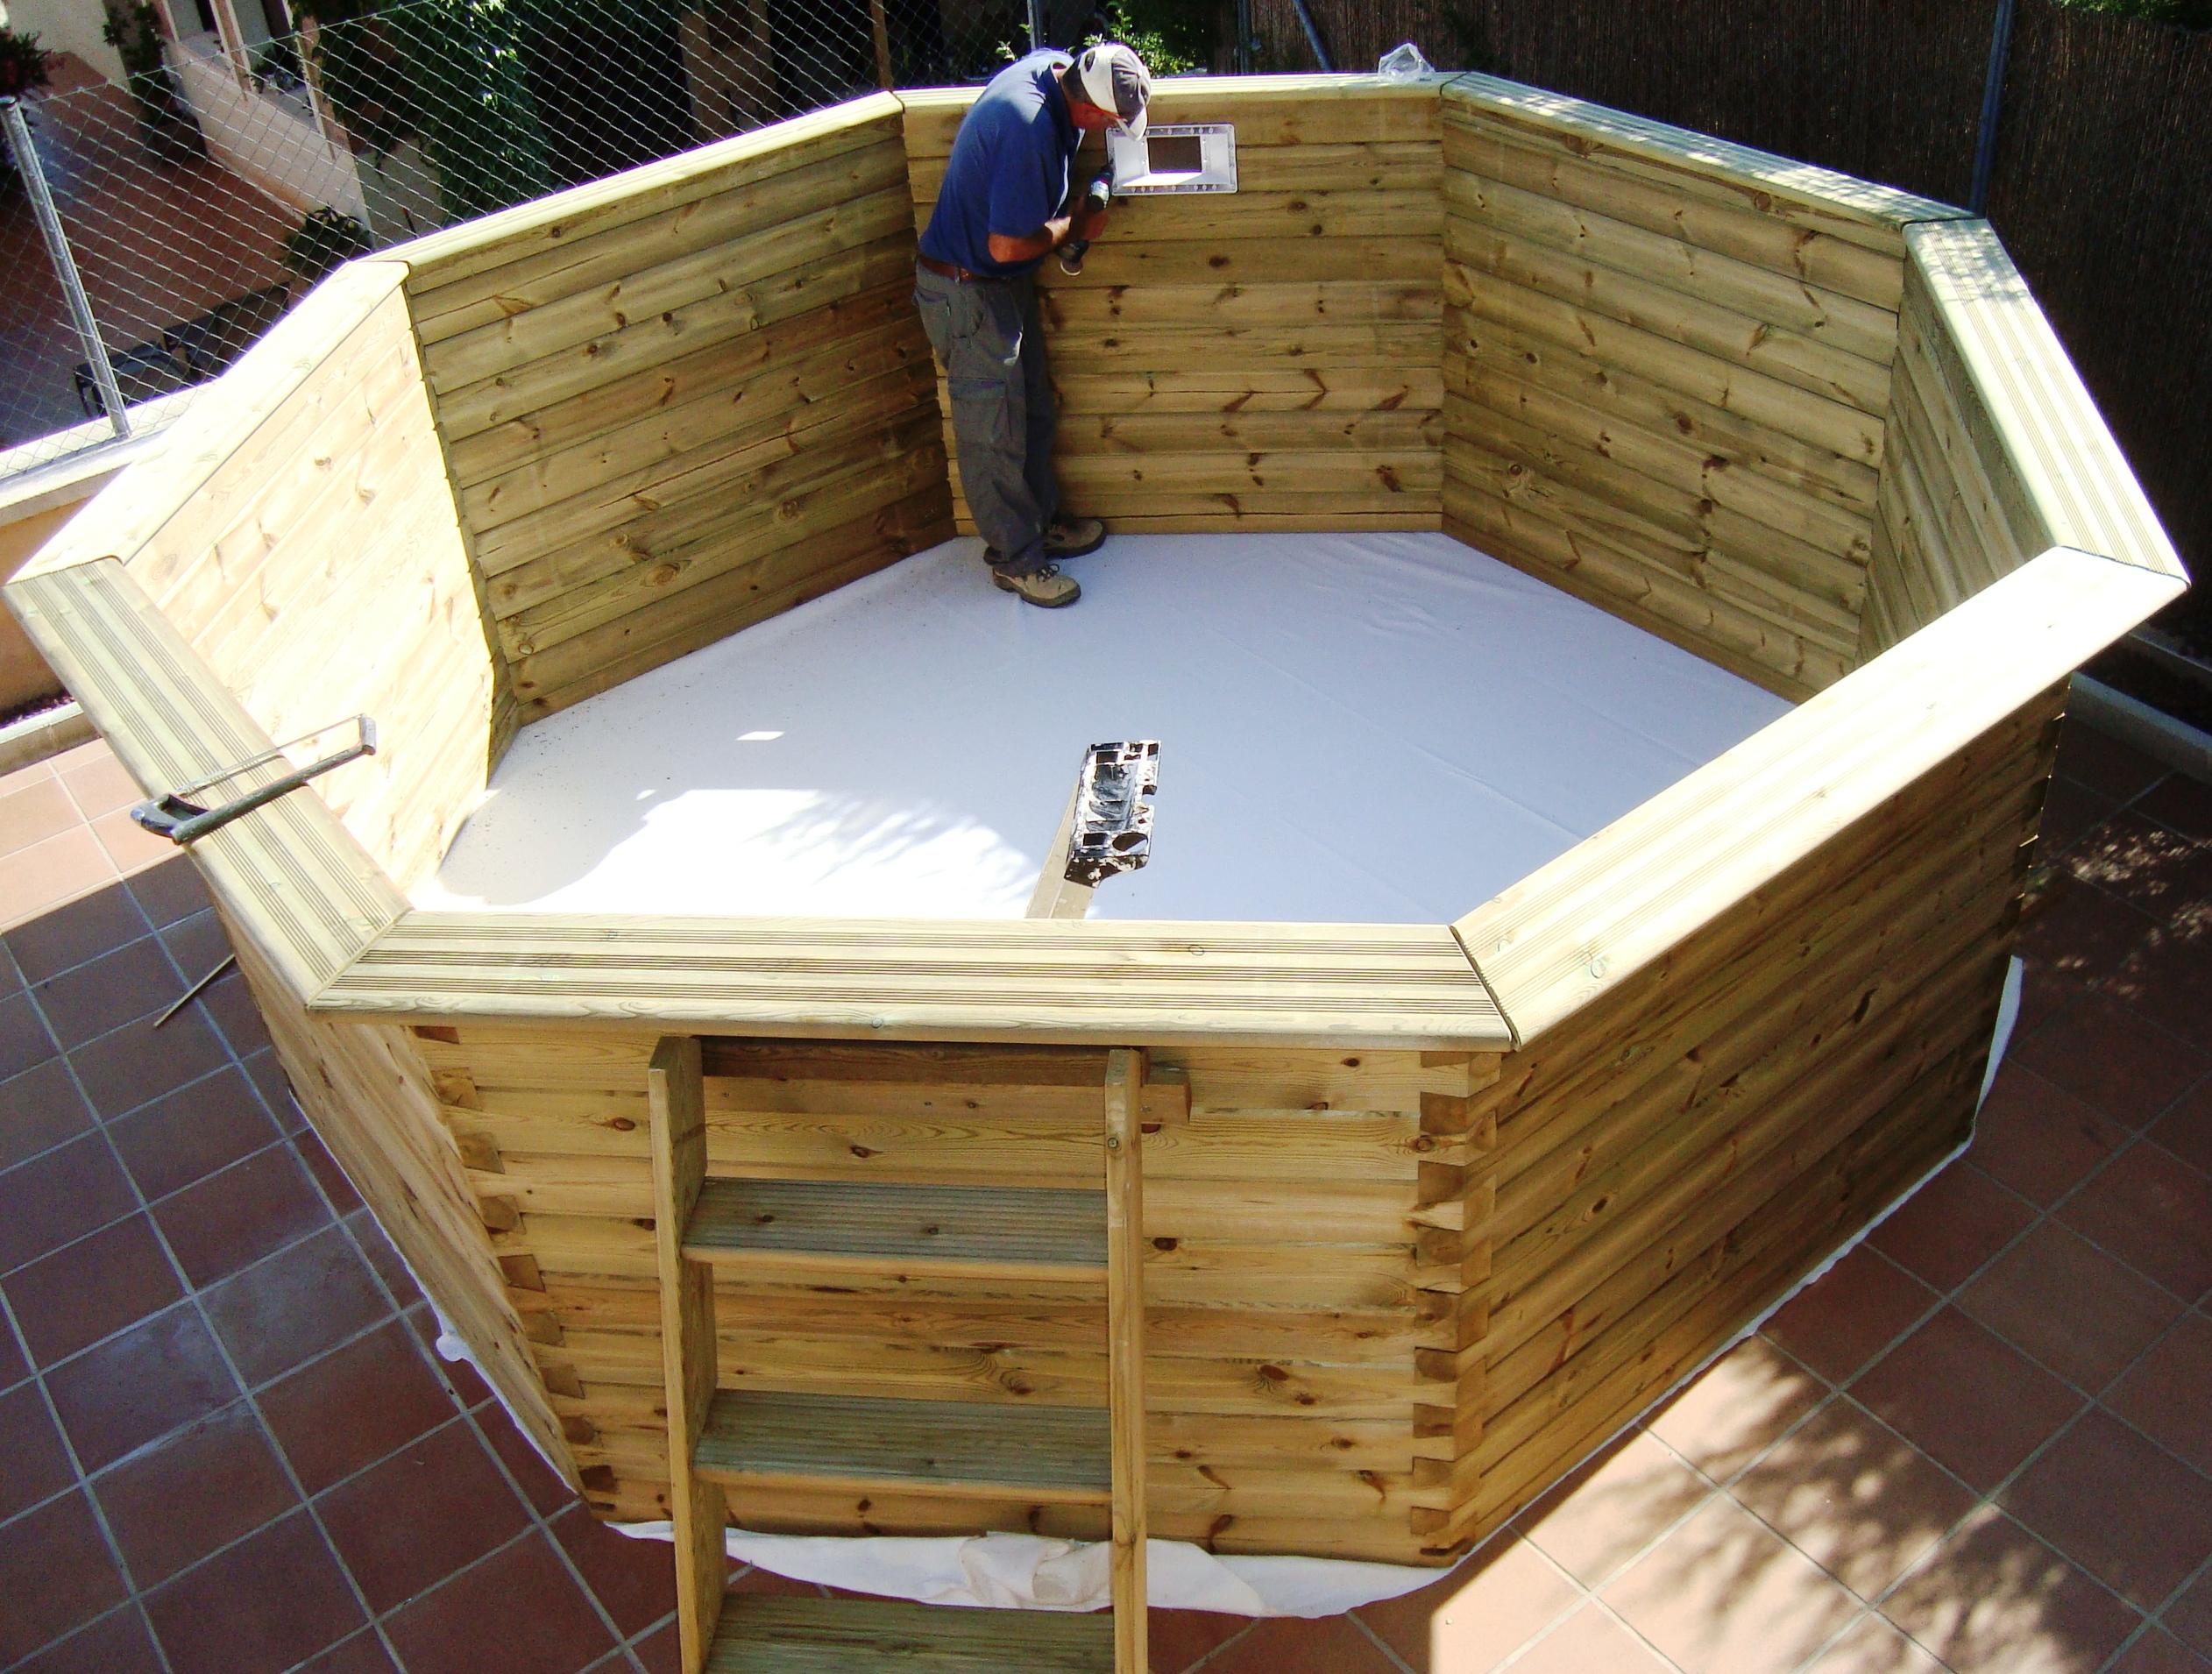 Piscinas de madera en tarragona piscinas con elegancia for Casas de madera con piscina